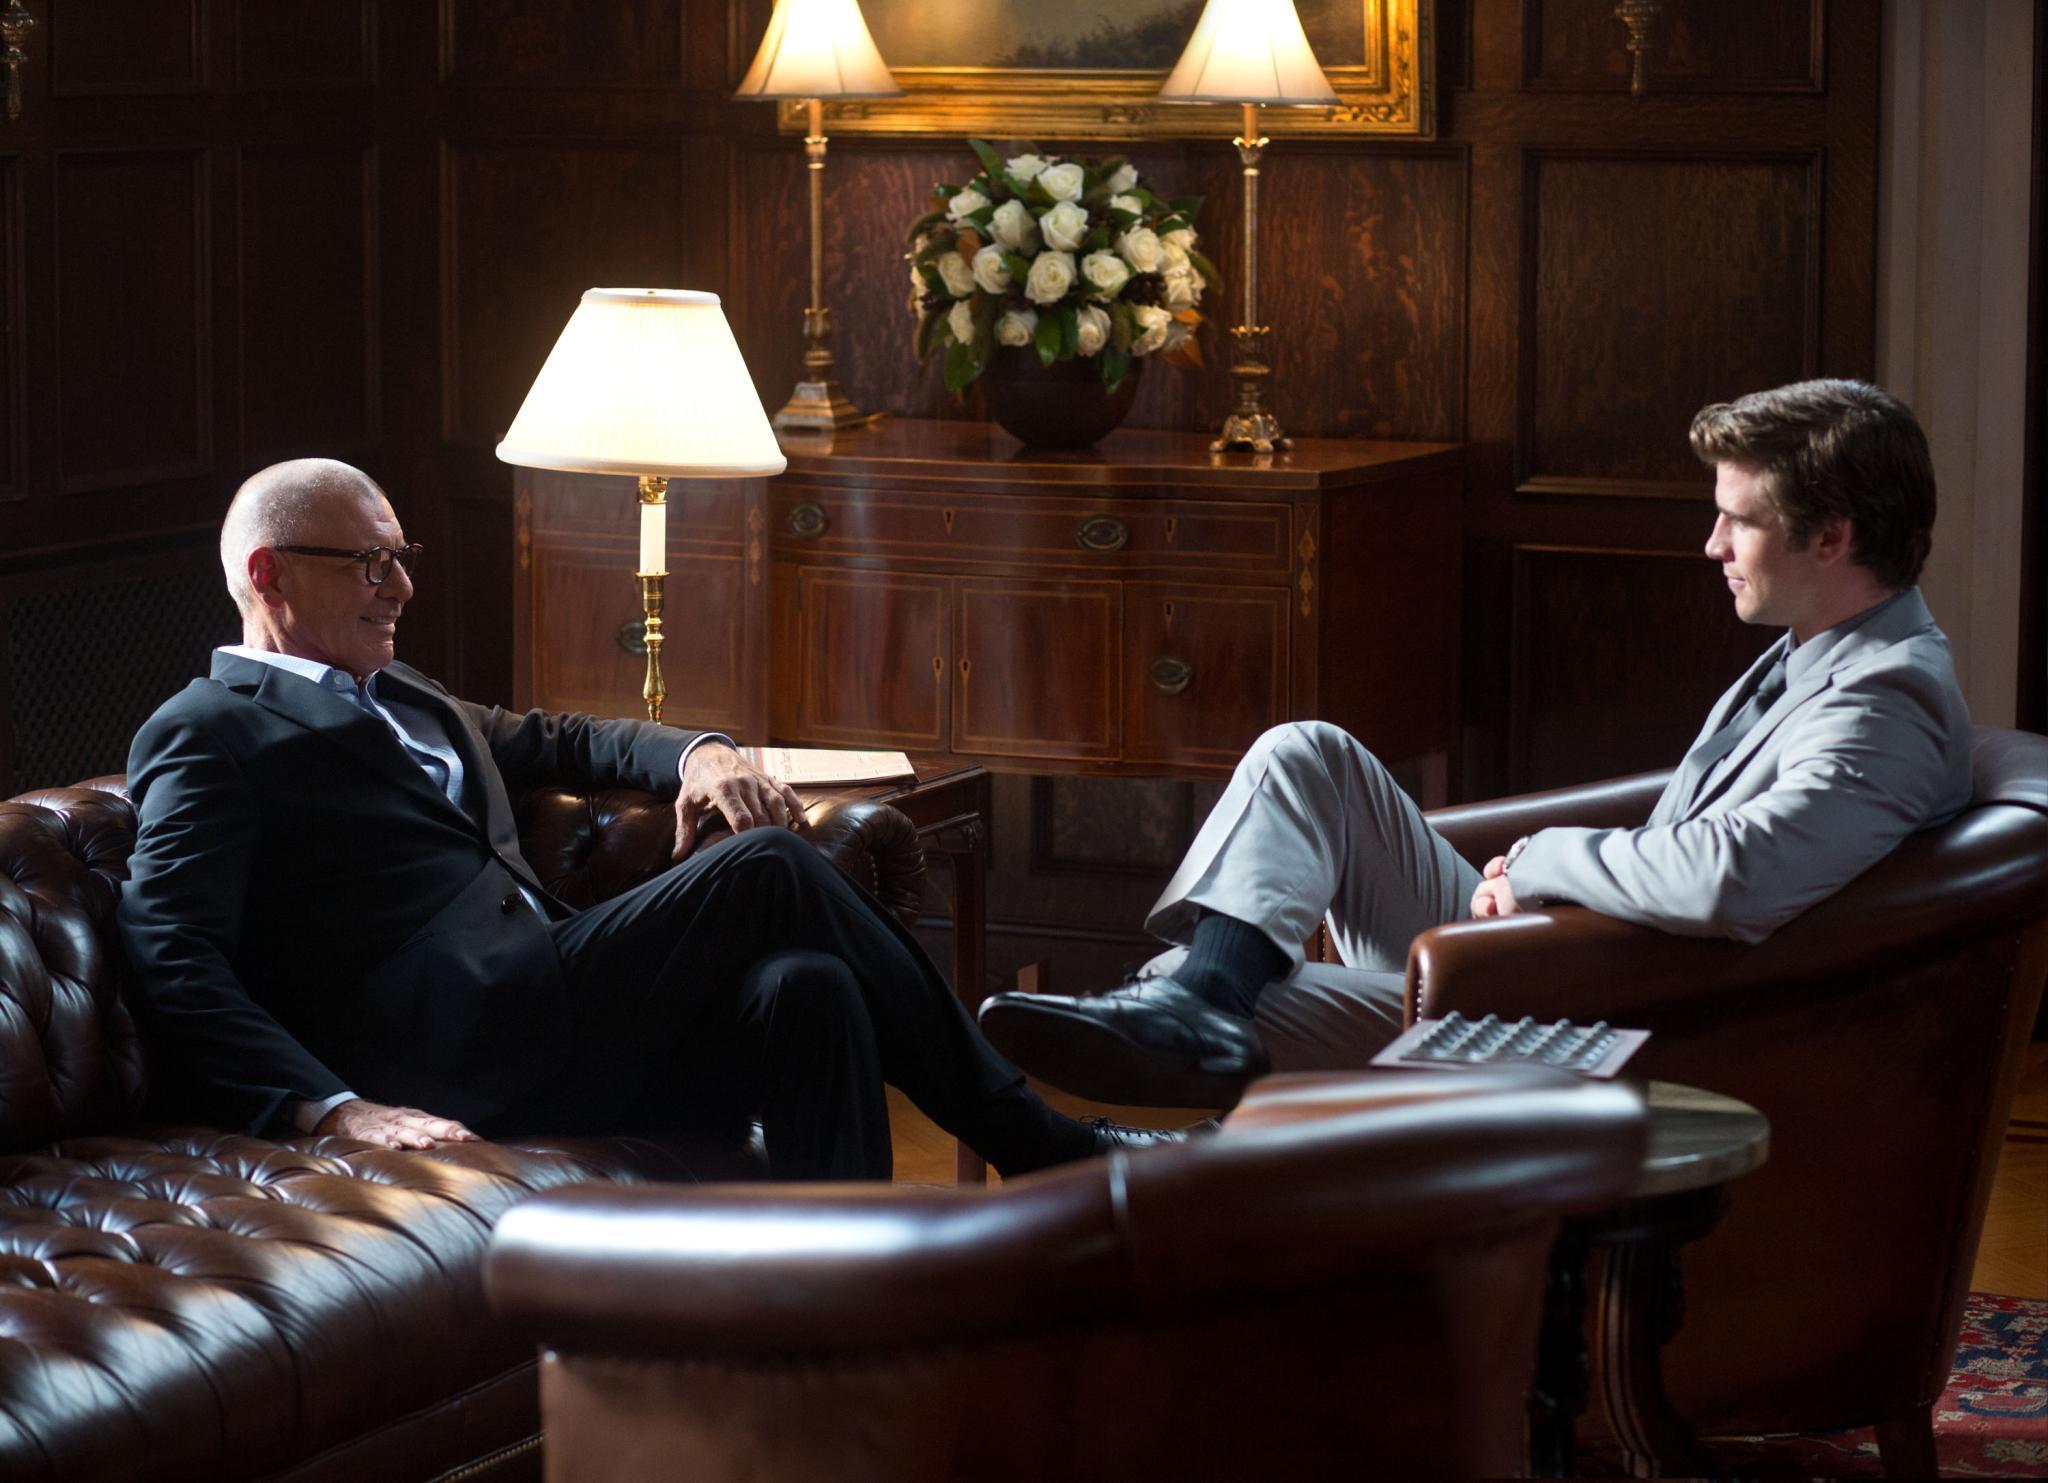 """Jetzt im Kino: In """"Paranoia"""" soll Technik-Experte Adam (Liam Hemsworth, r.) im Auftrag seines Chefs das Lebenswerk des Mobilfunk-Unternehmers Goddard (Harrison Ford) zerstören."""